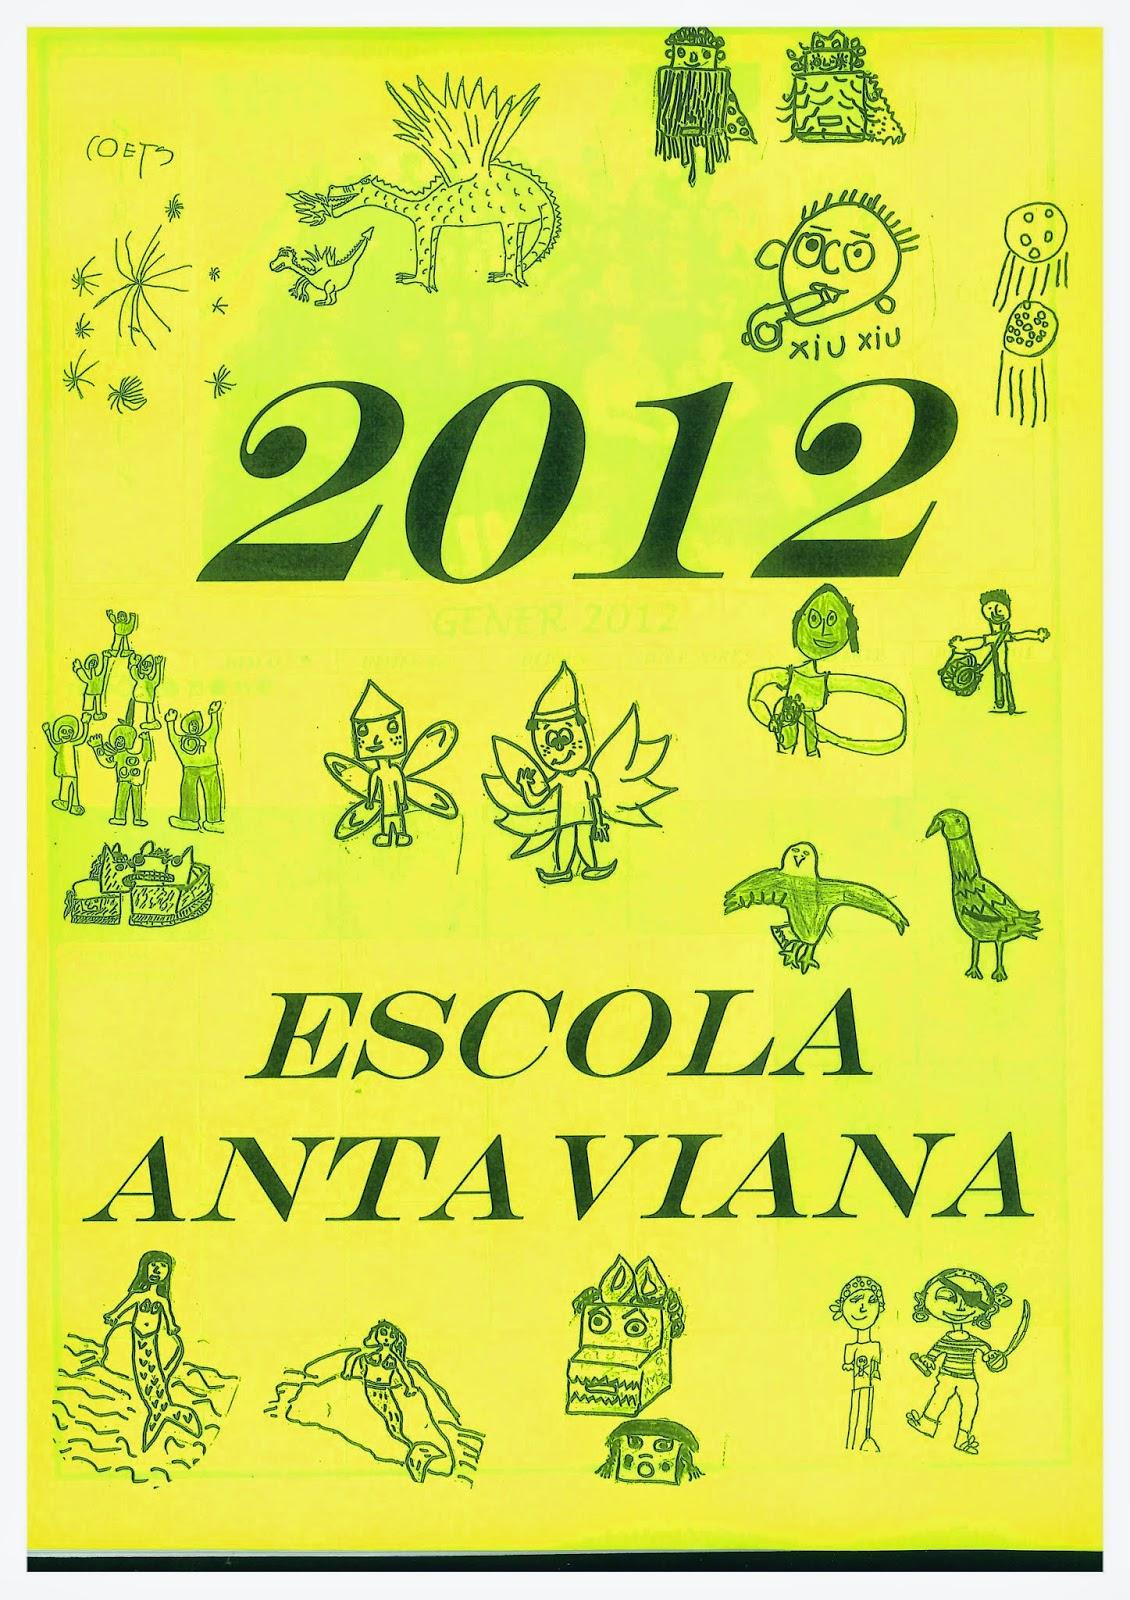 http://issuu.com/blocsdantaviana/docs/calendari_antaviana_2012